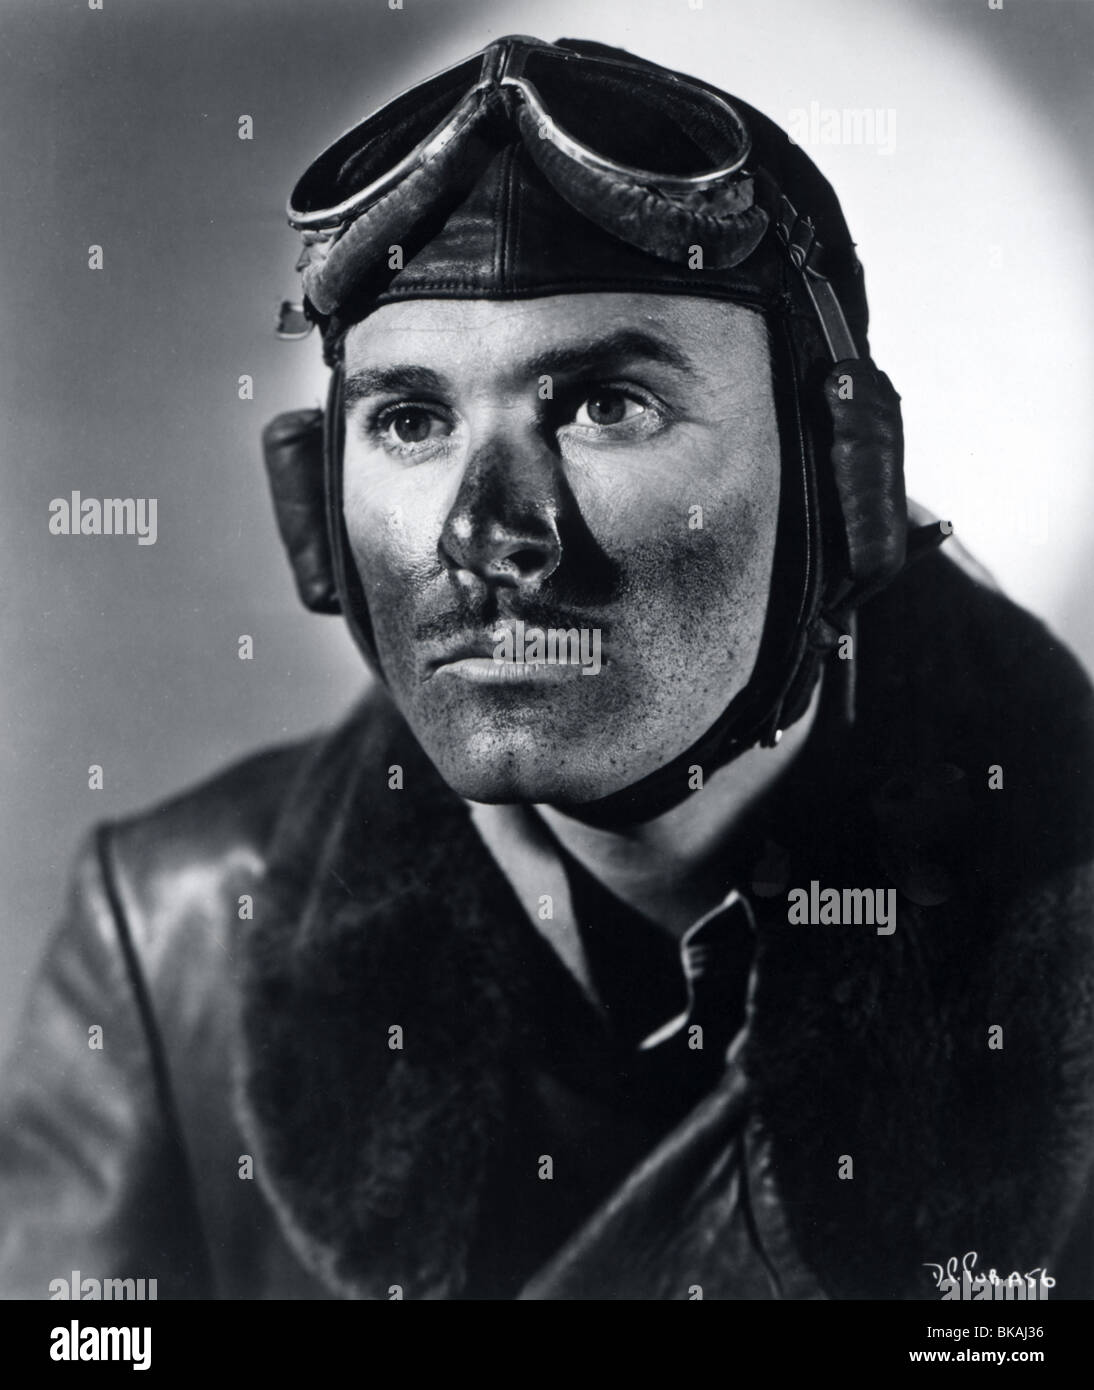 THE DAWN PATROL (1938) ERROL FLYNN DAWP 008 - Stock Image